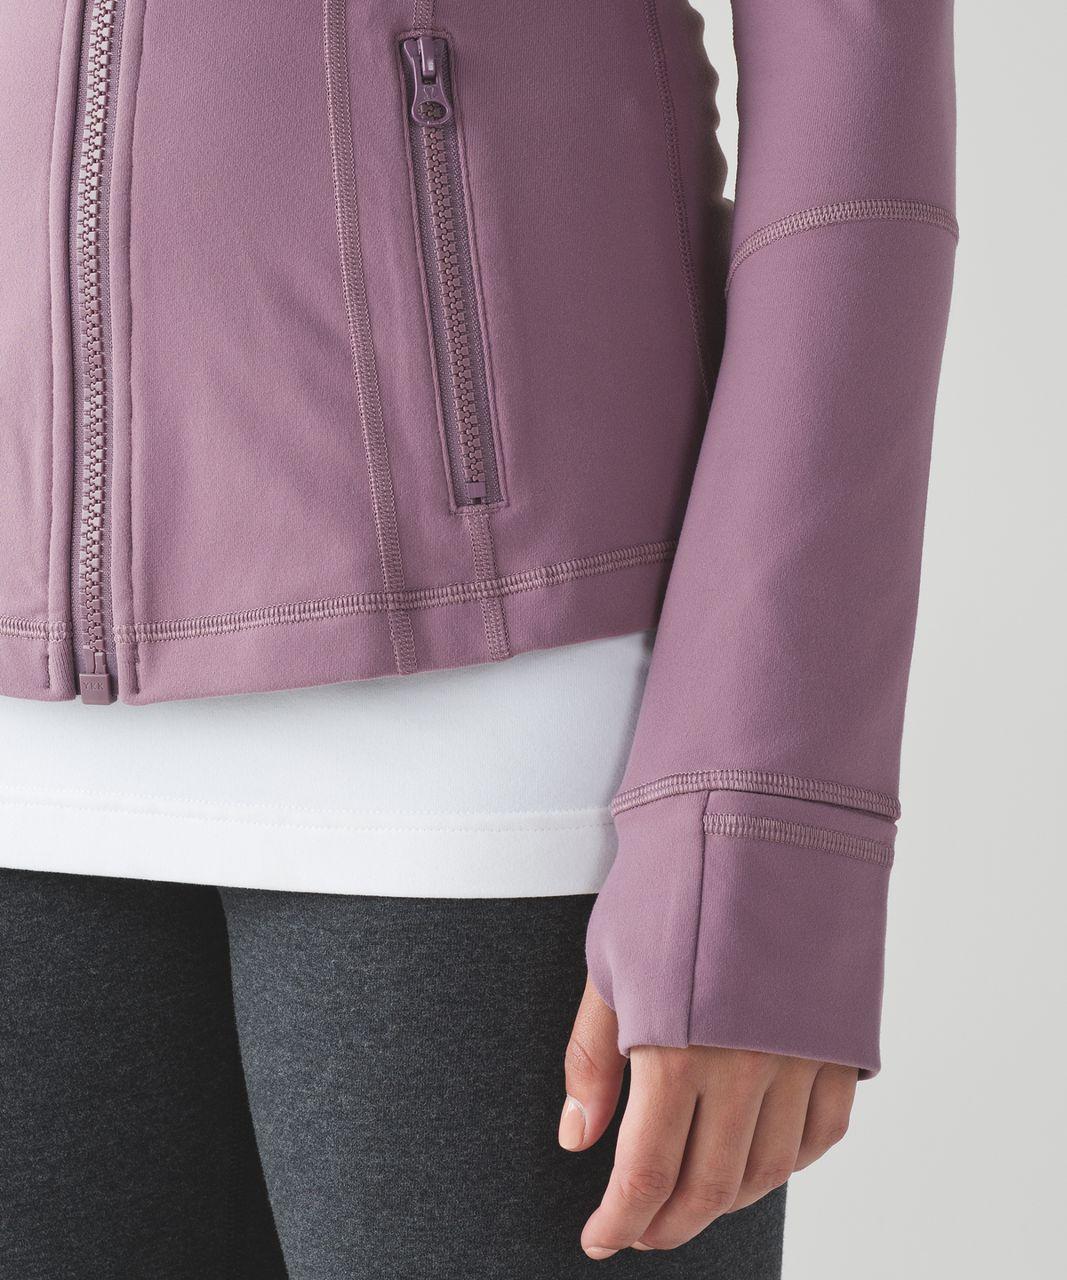 Lululemon Define Jacket - Dusty Mauve